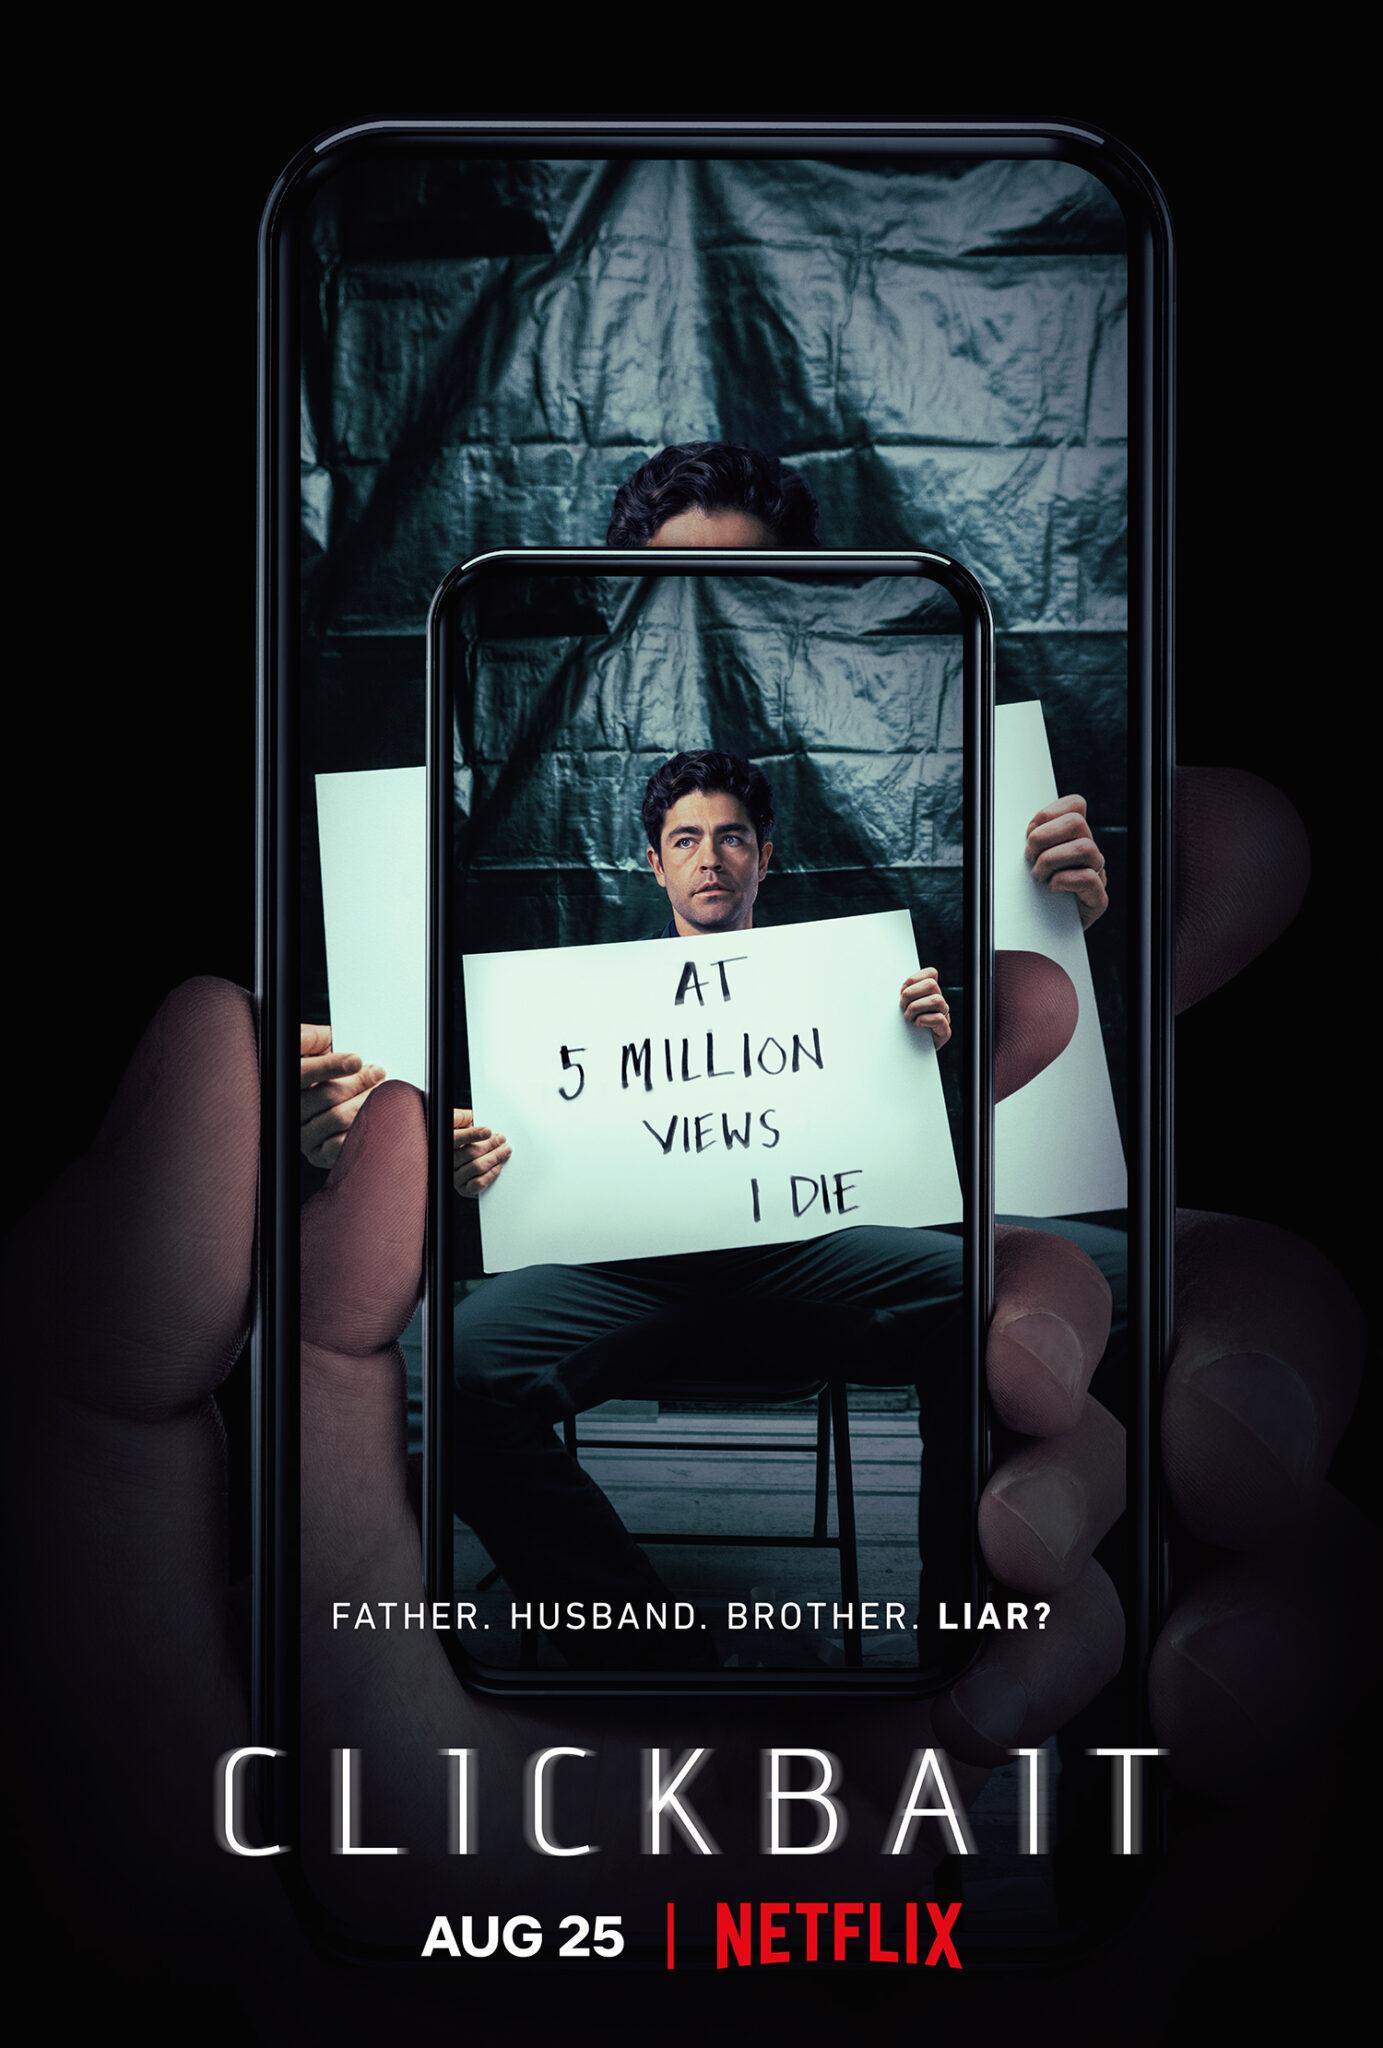 """Das Poster zur Miniserie Clickbait zeigt ein Smartphone auf dem man ein weitere Smartphone sieht, auf dem ein Bild zu sehen ist, das einen Mann mit einem Schild mit der Aufschrift """"AT 5 MILLION VIEWS I DIE"""" zeigt."""